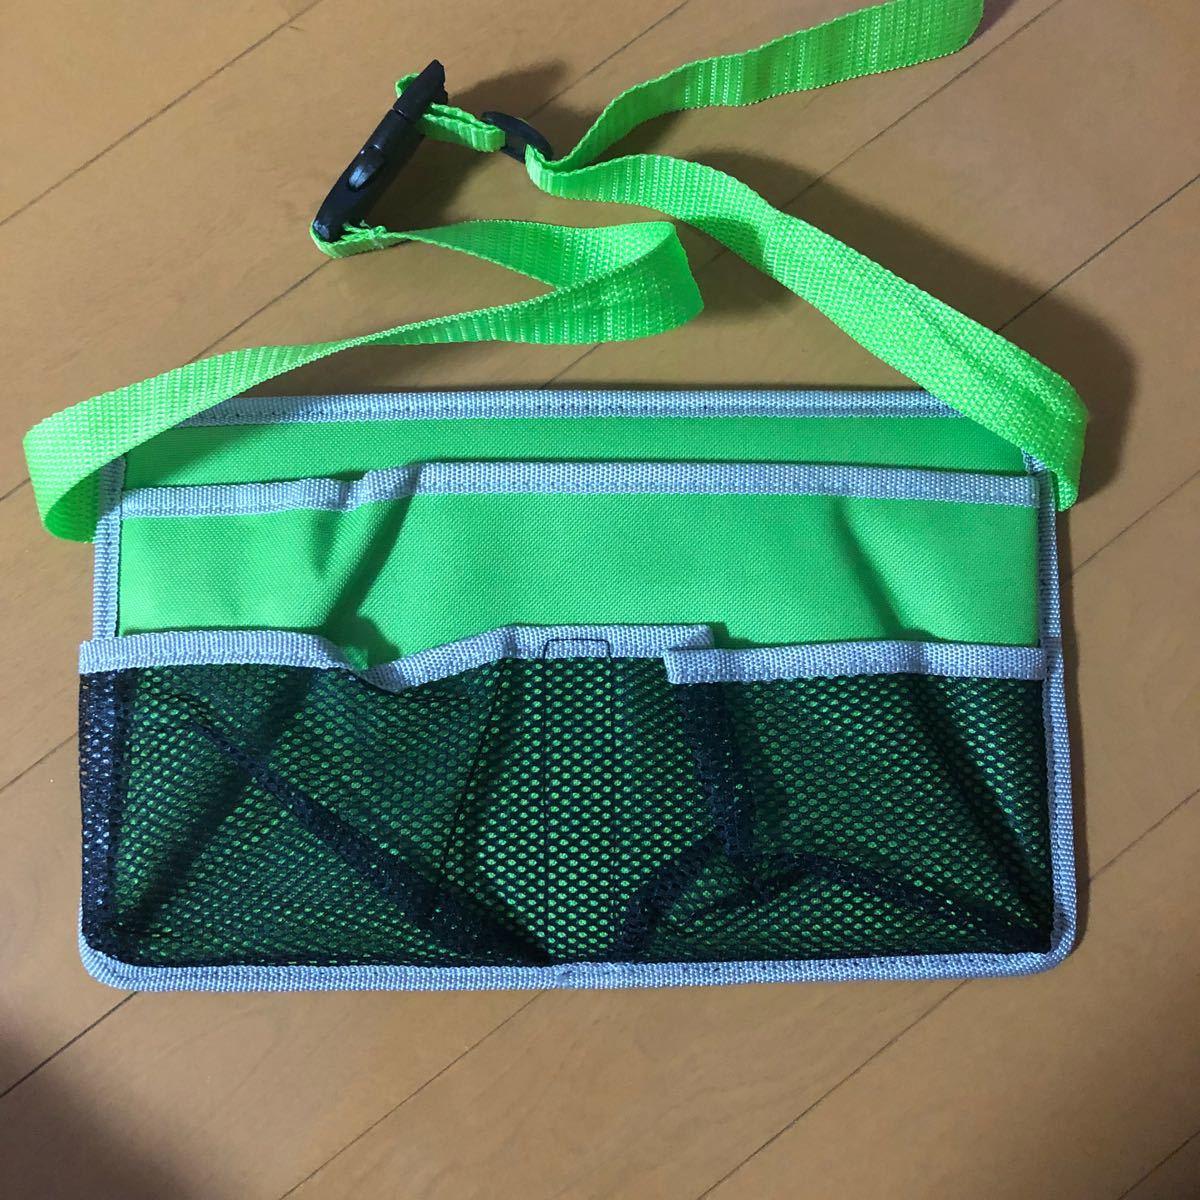 キャプテンスタッグ   チェア用サイドポケット 緑?